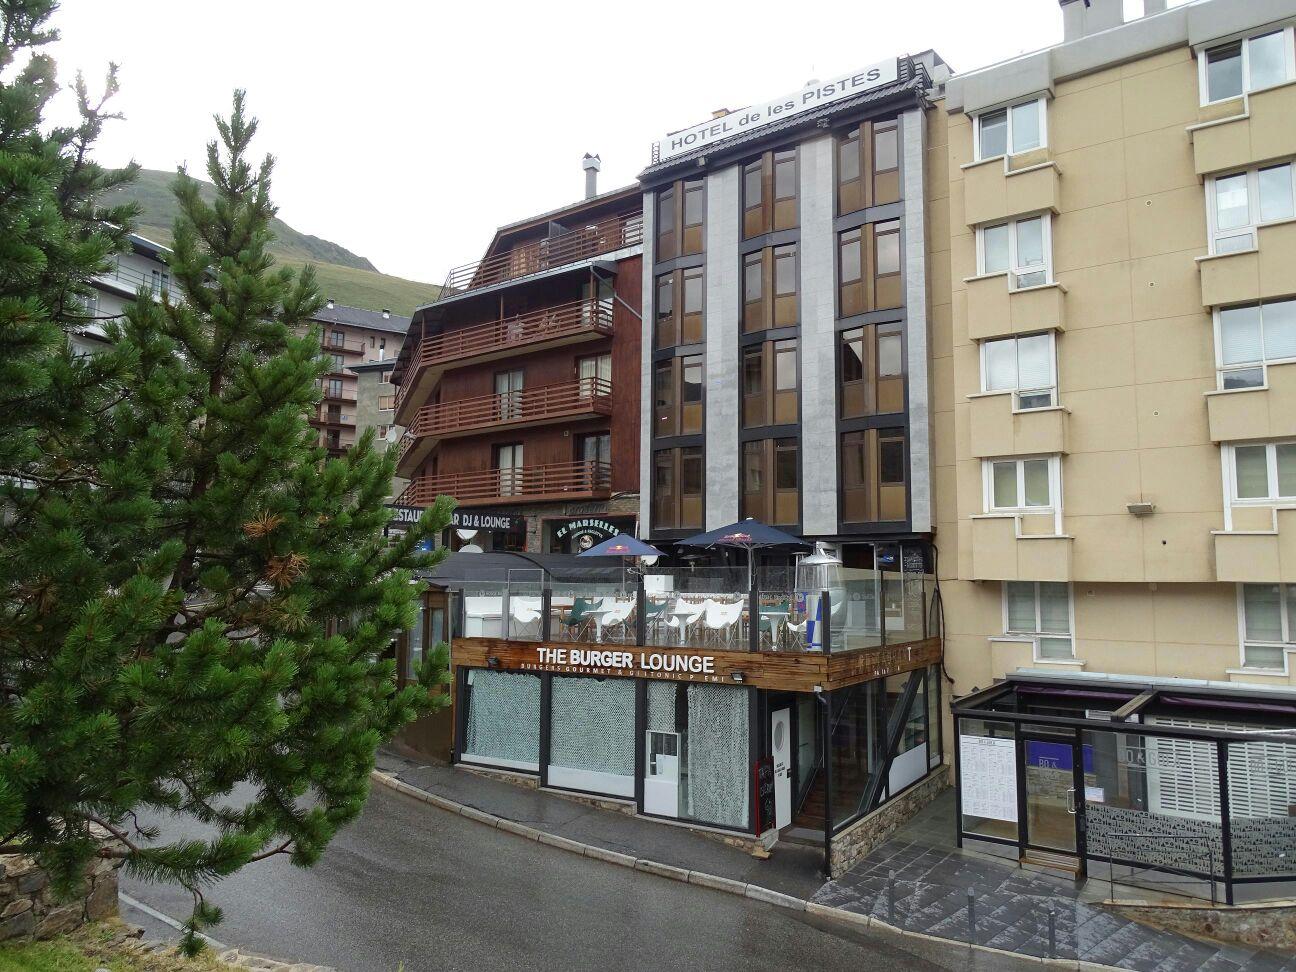 Hotel De Les Pistes